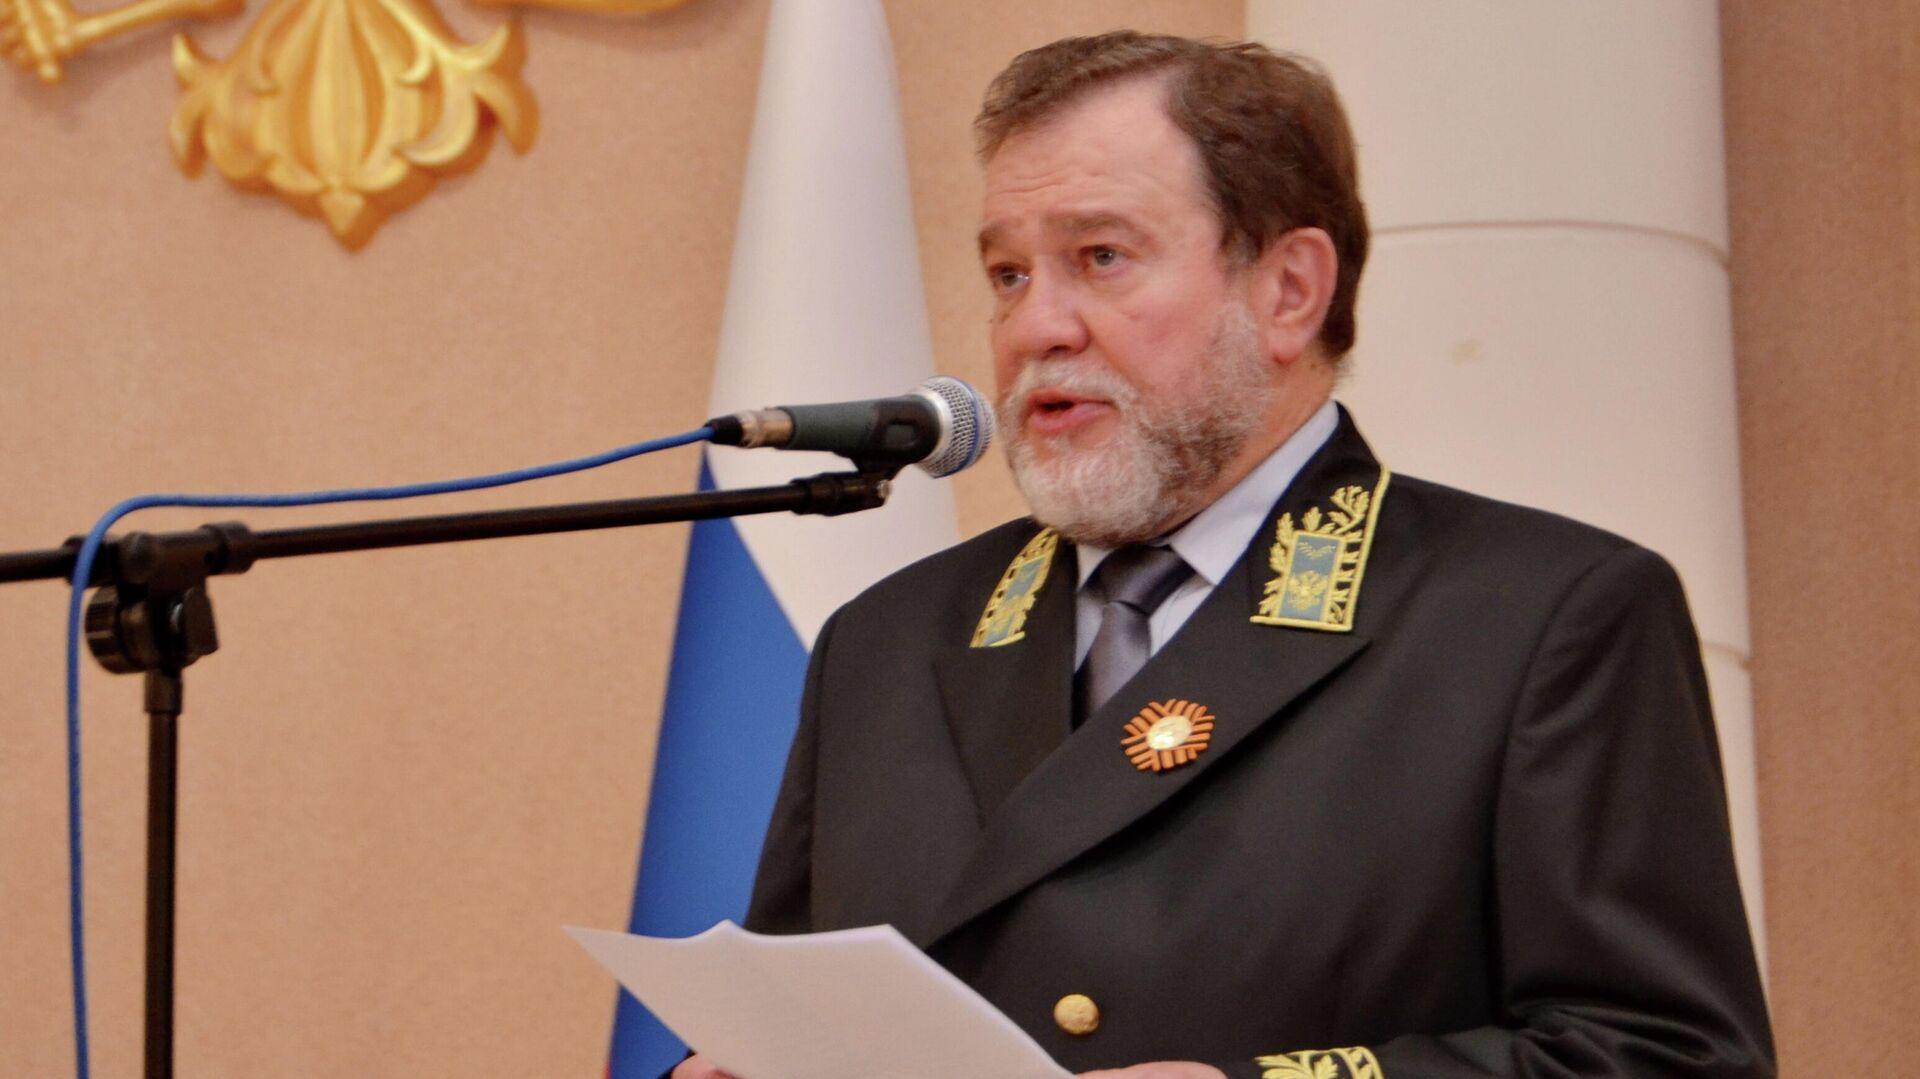 Посол РФ в Узбекистане Олег Мальгинов - Sputnik Узбекистан, 1920, 14.07.2021